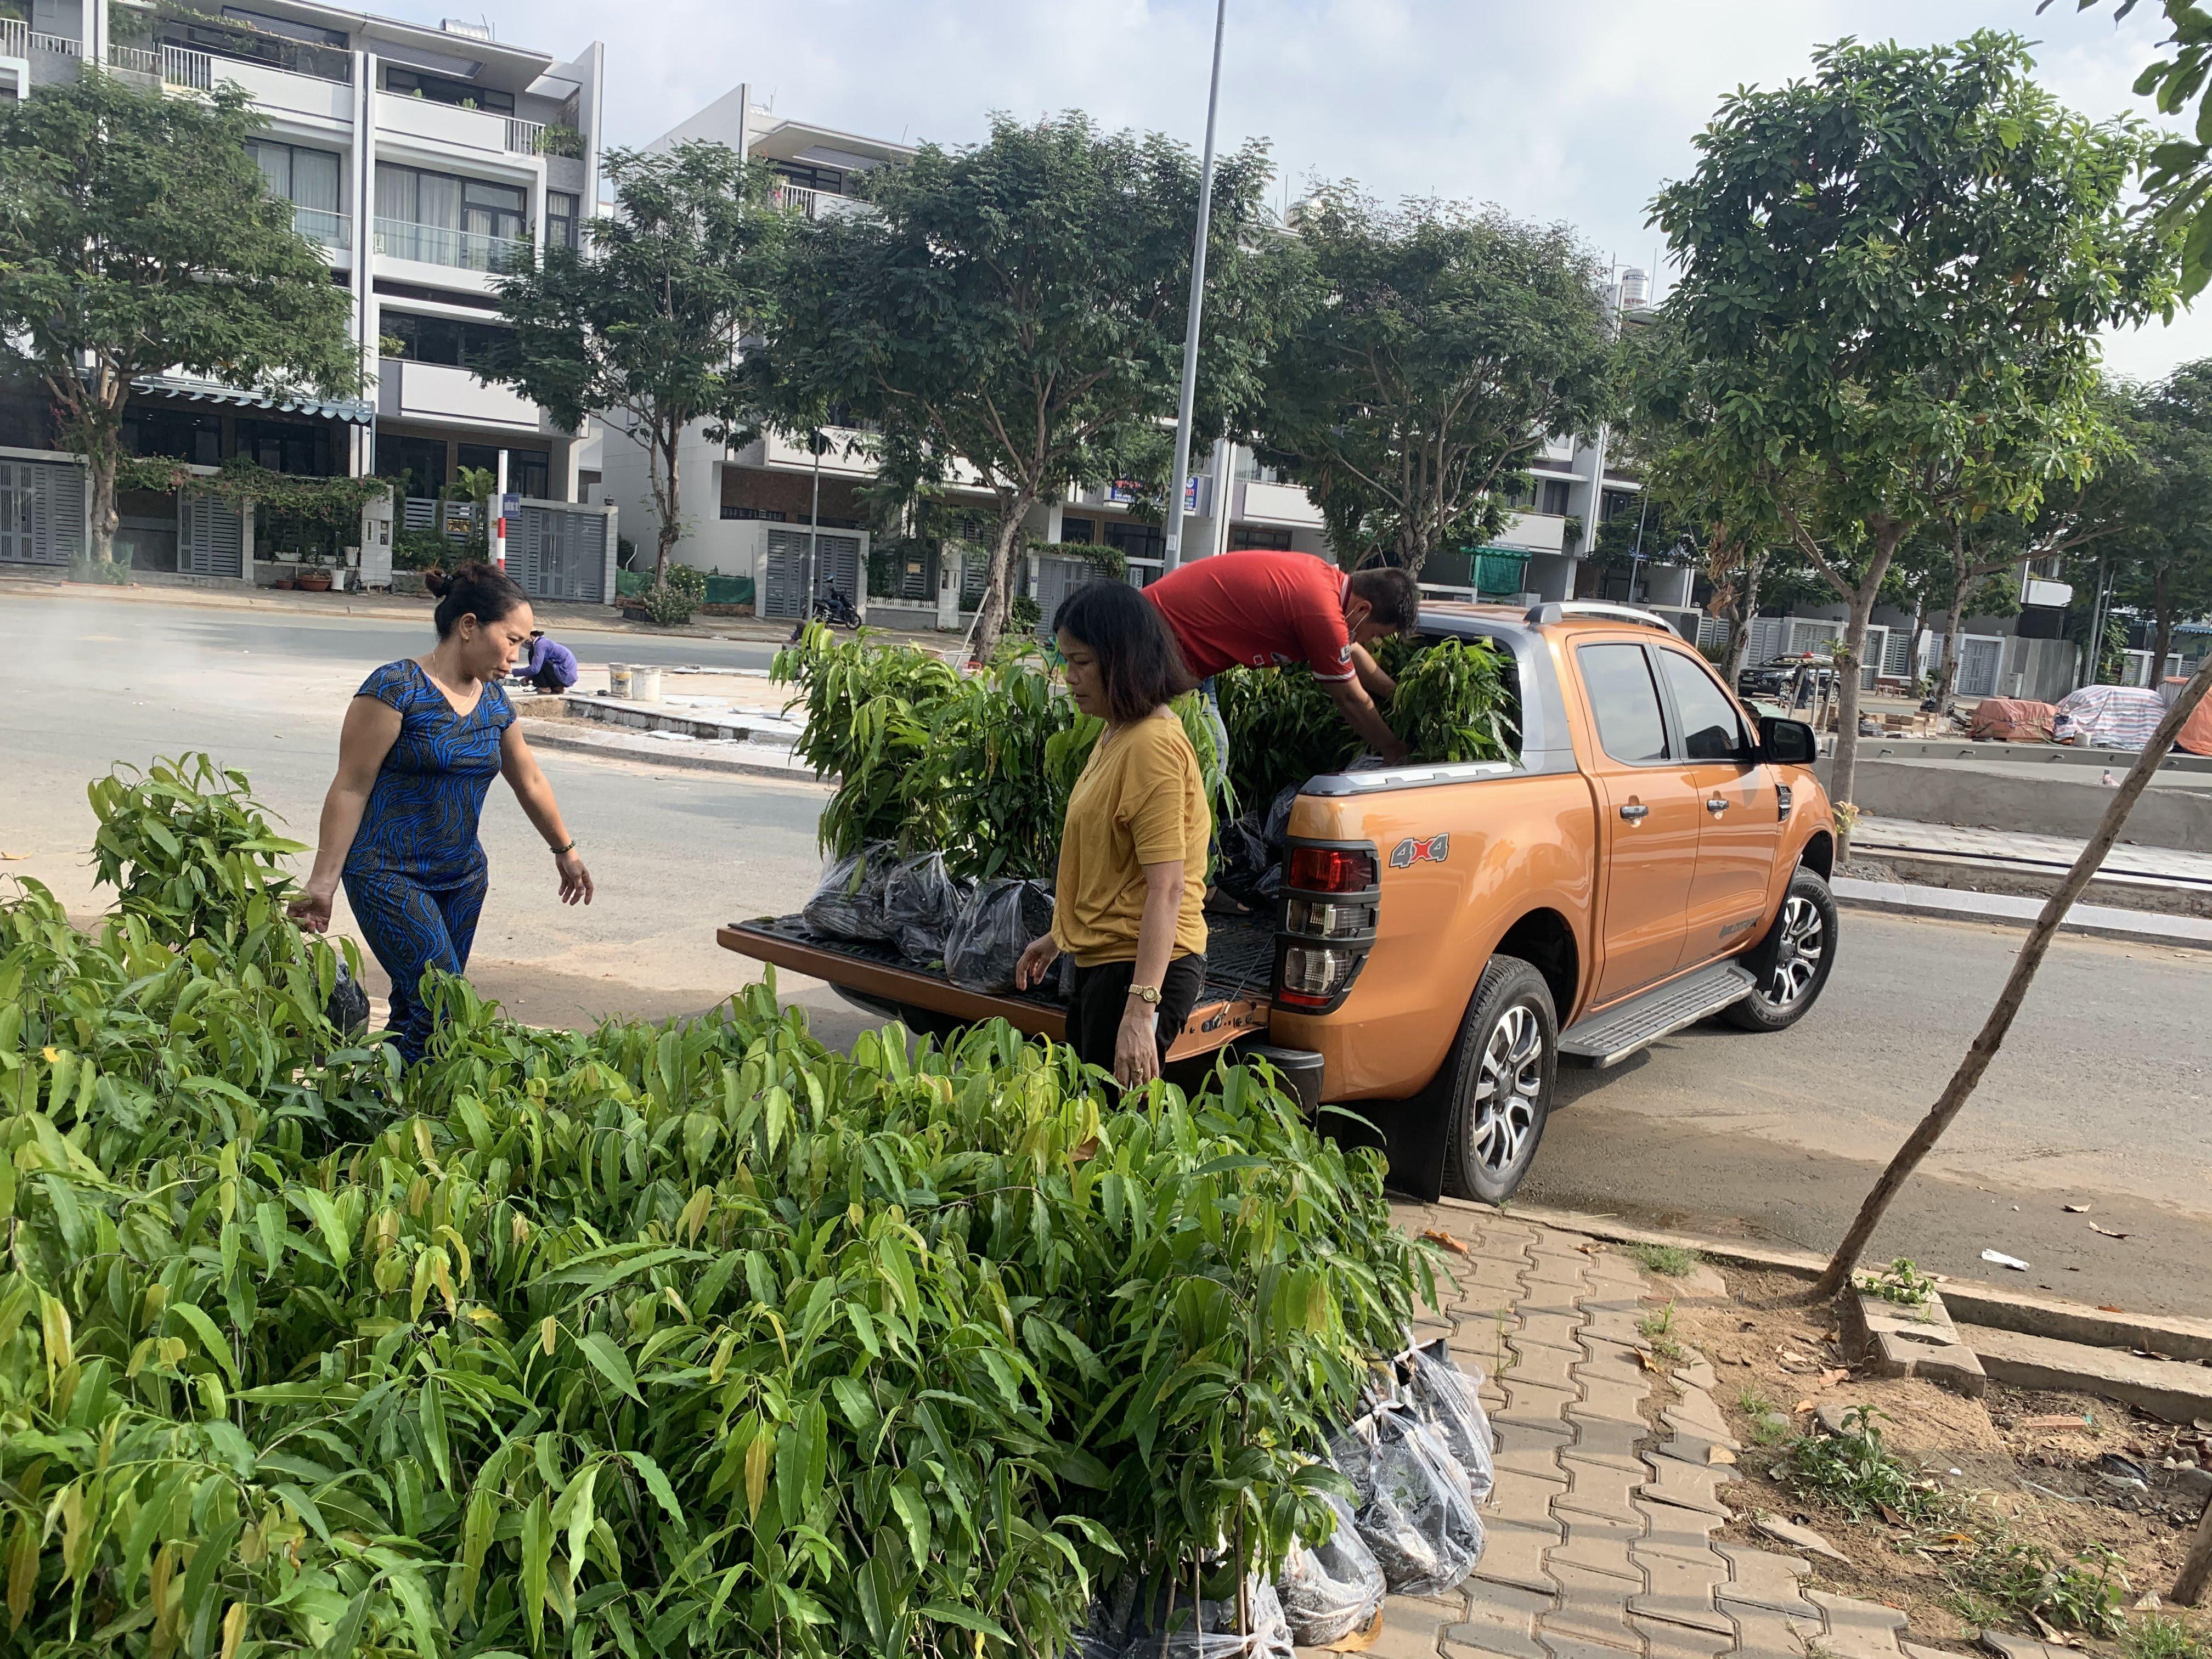 Cây Hoàng Nam, Vườn ươm Cây Xanh Gia Nguyễn, Cây Hoàng Nam Giống, Cây Công Trình, Cây Giống Hoàng Nam